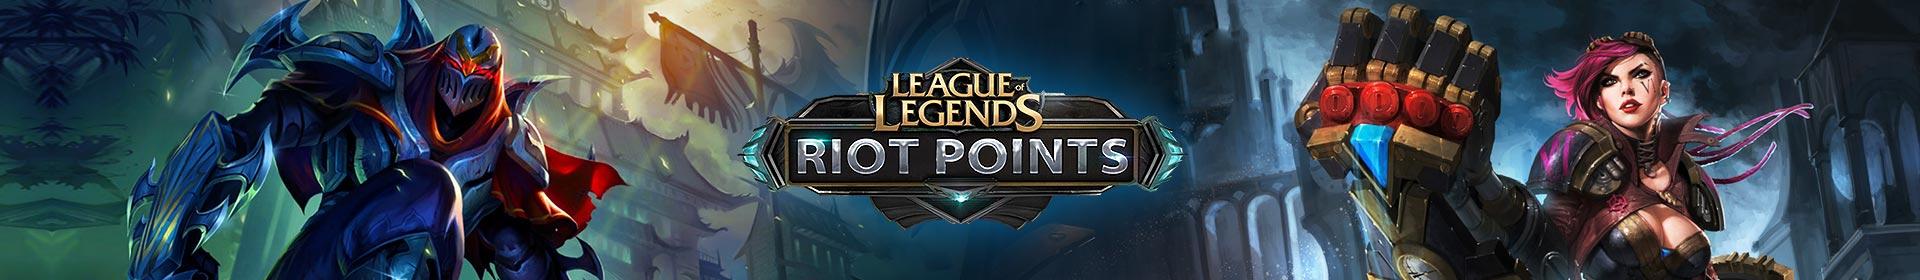 League of Legends Riot Points